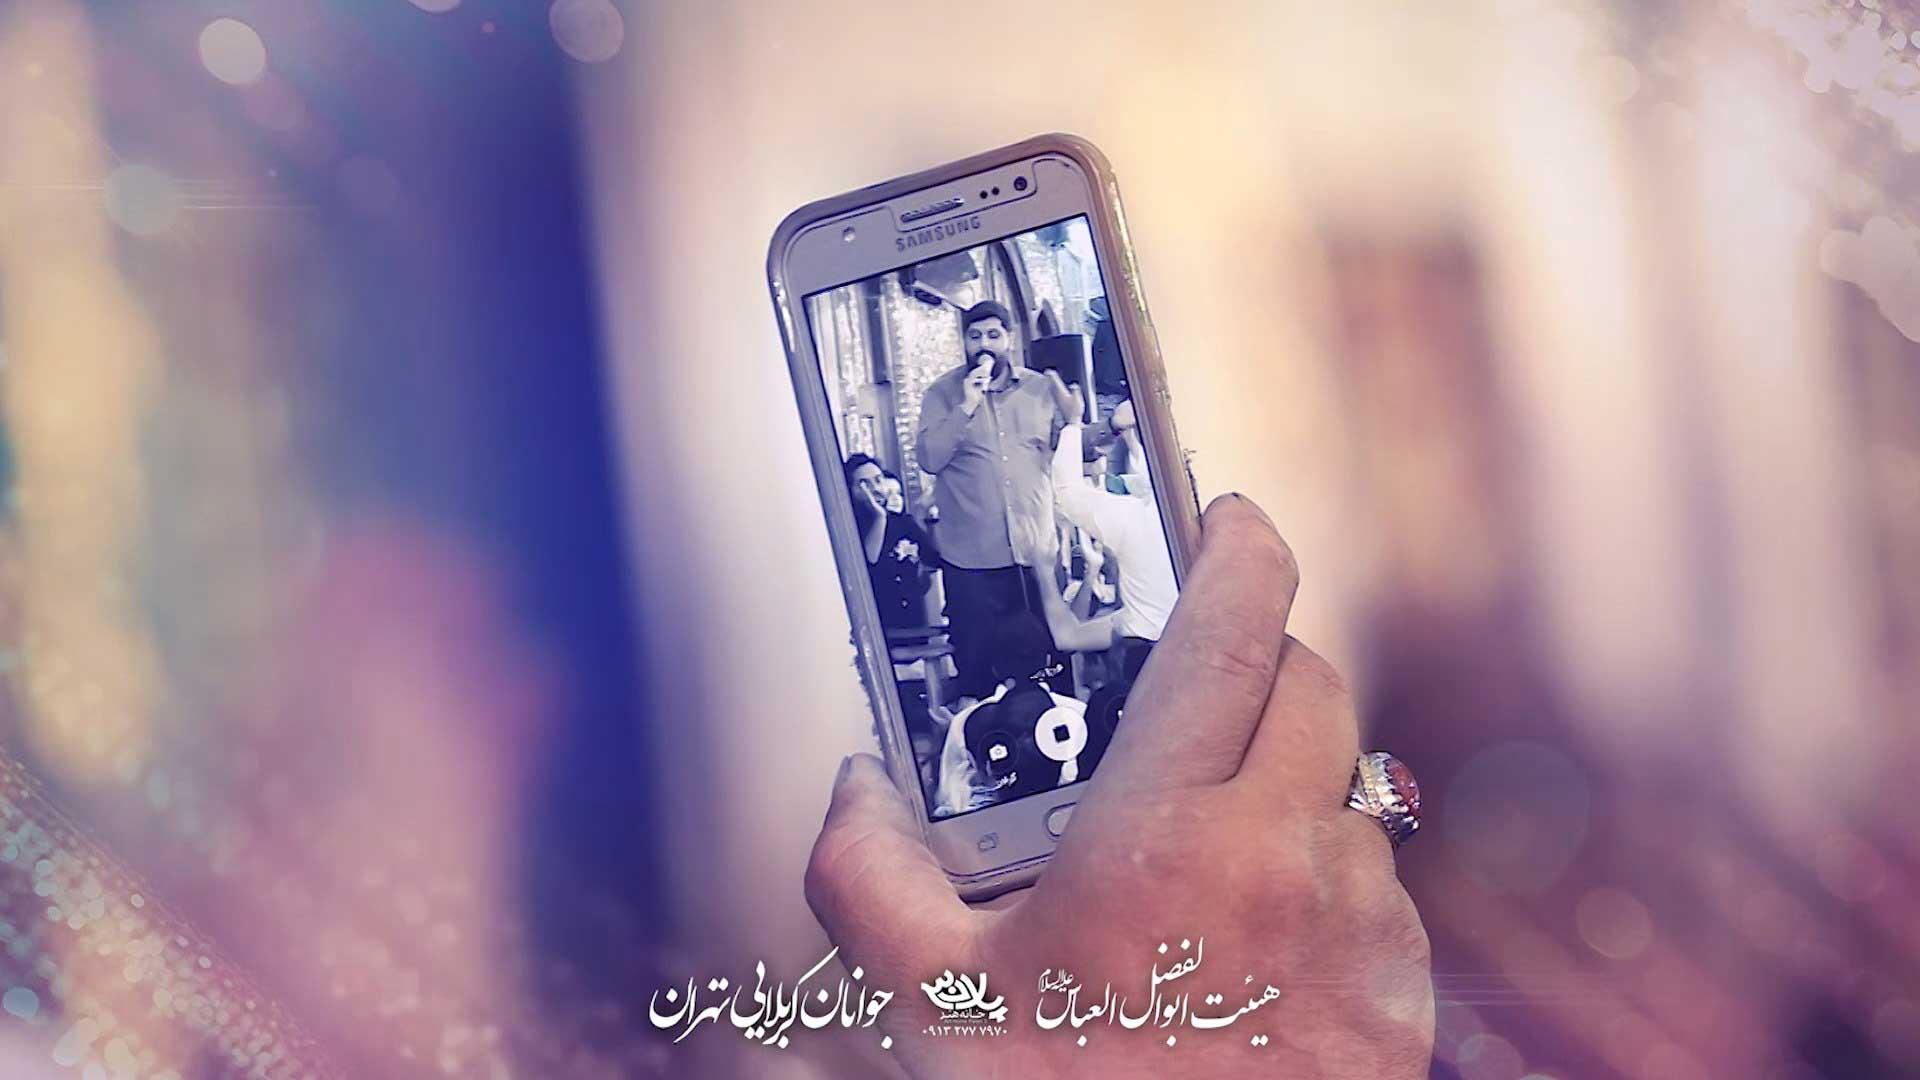 نوکر خالص علی اکبری